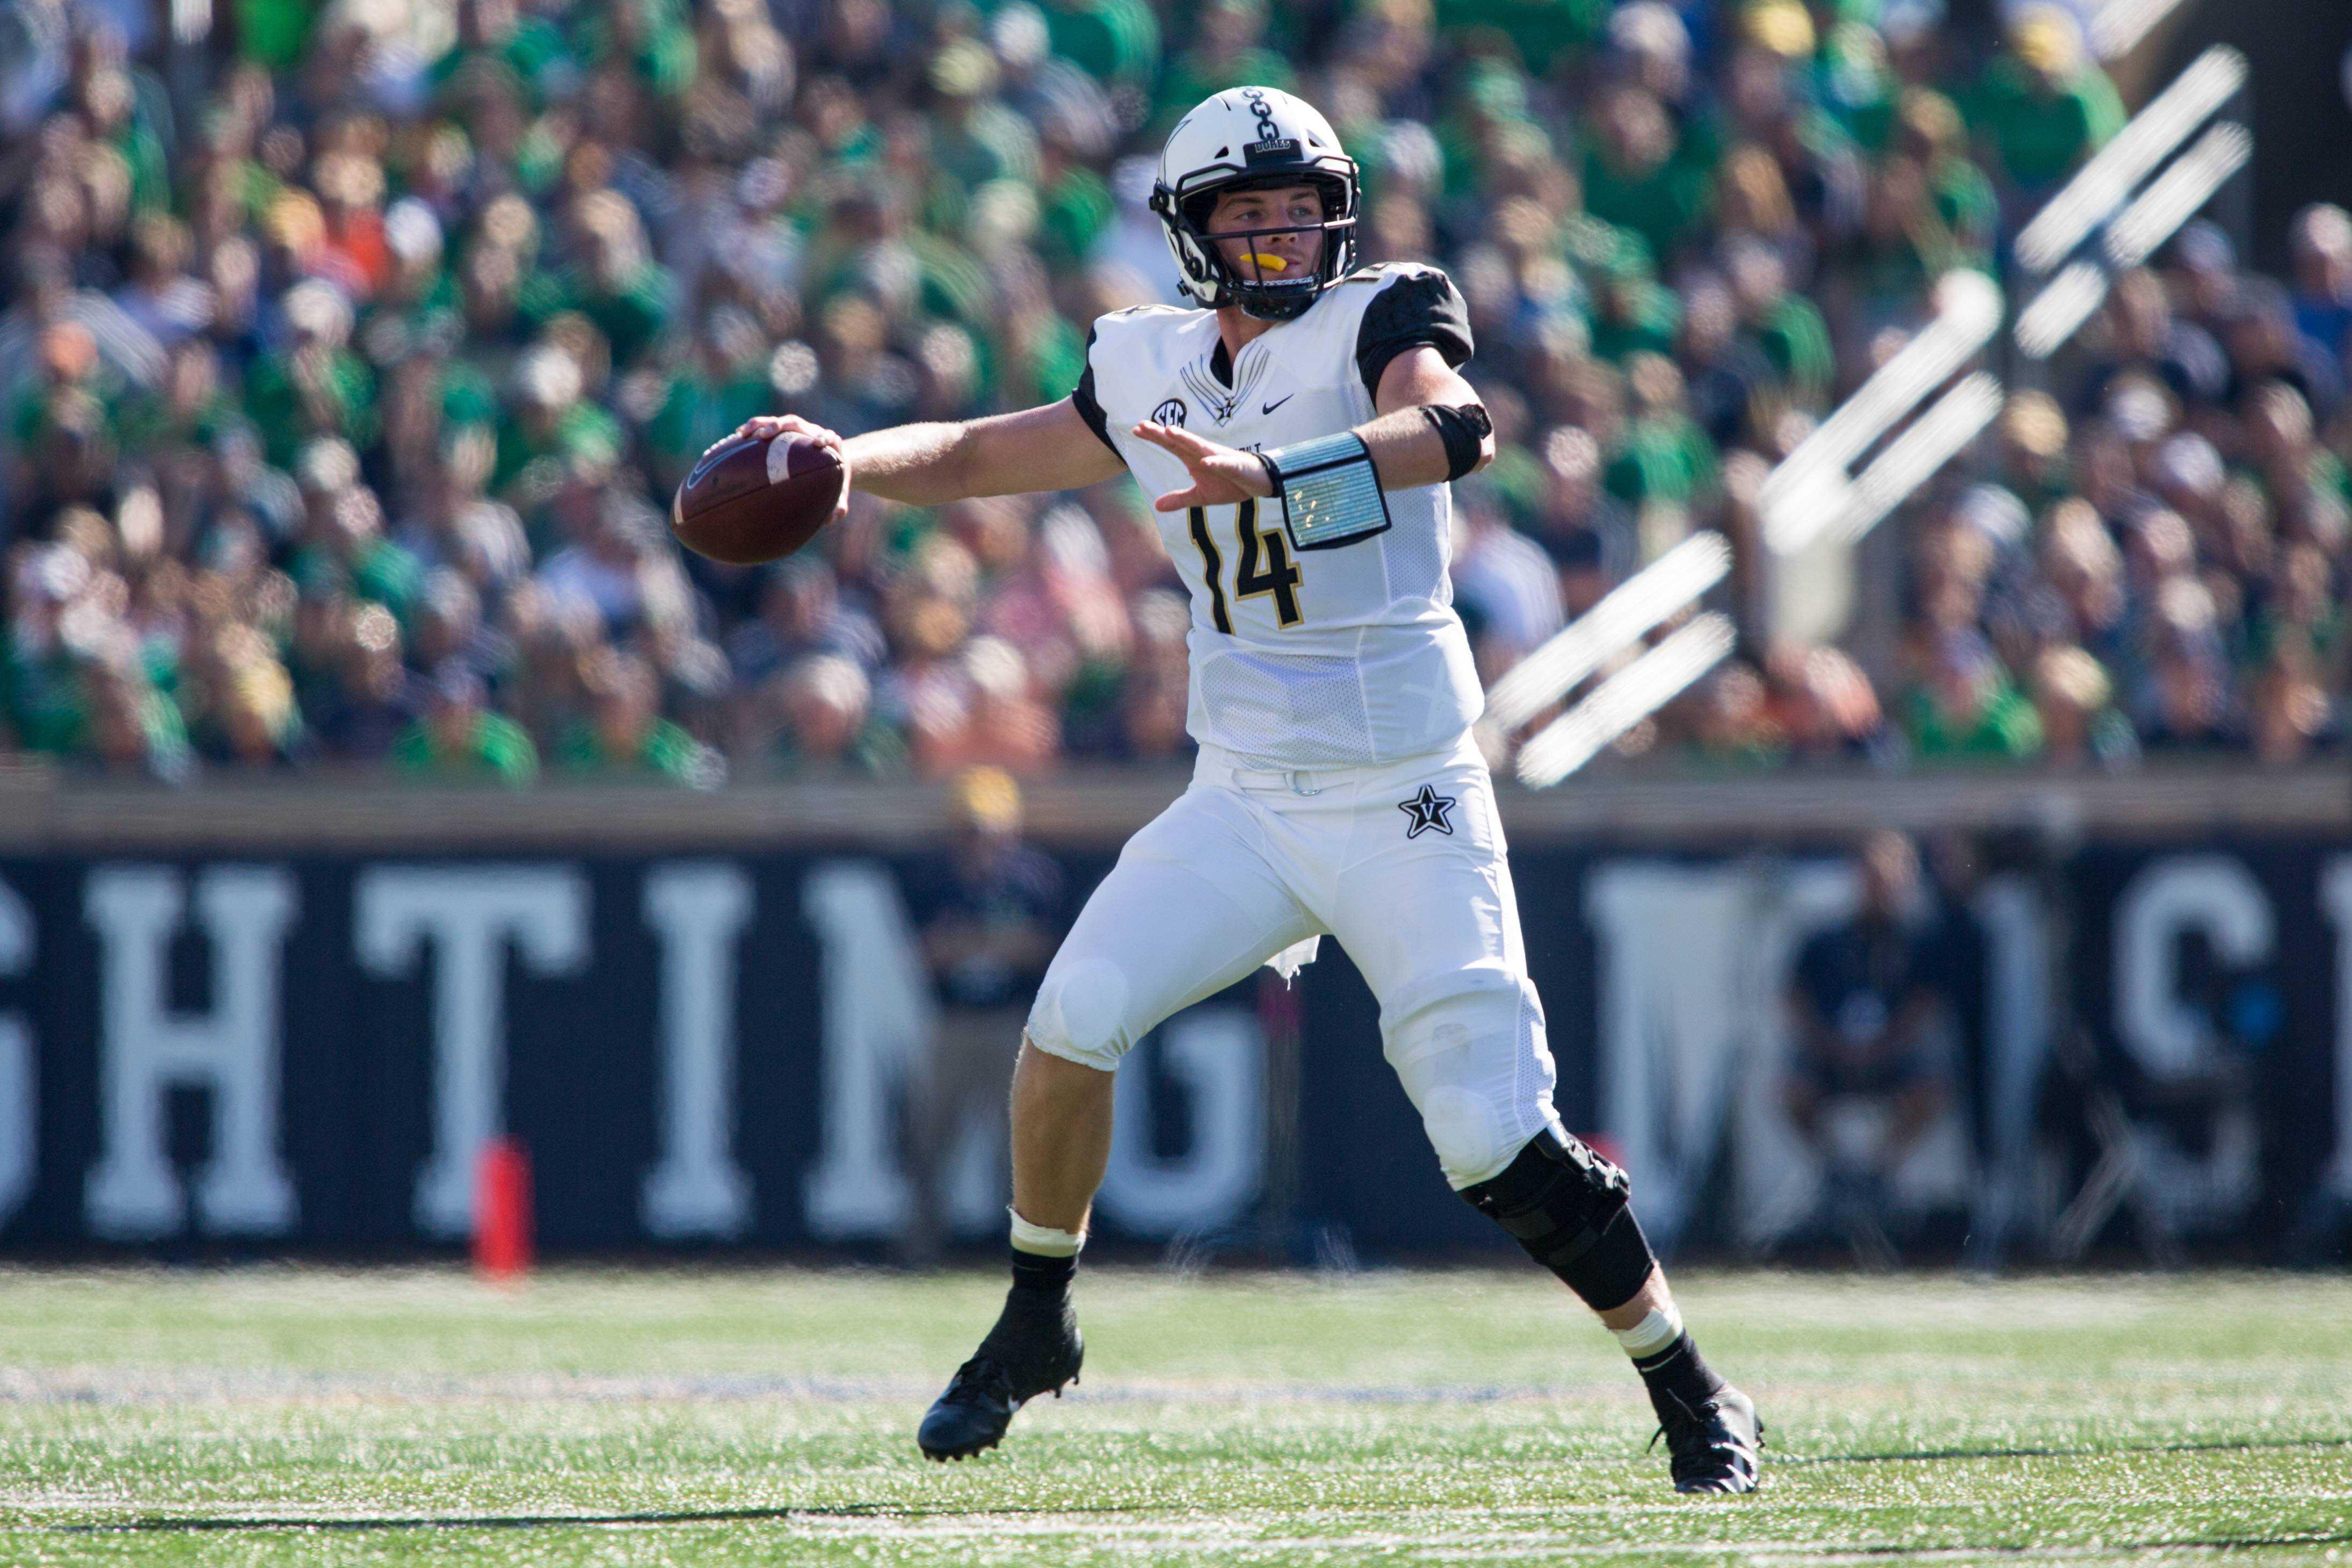 Vanderbilt makes waves on social media for effort at Notre Dame